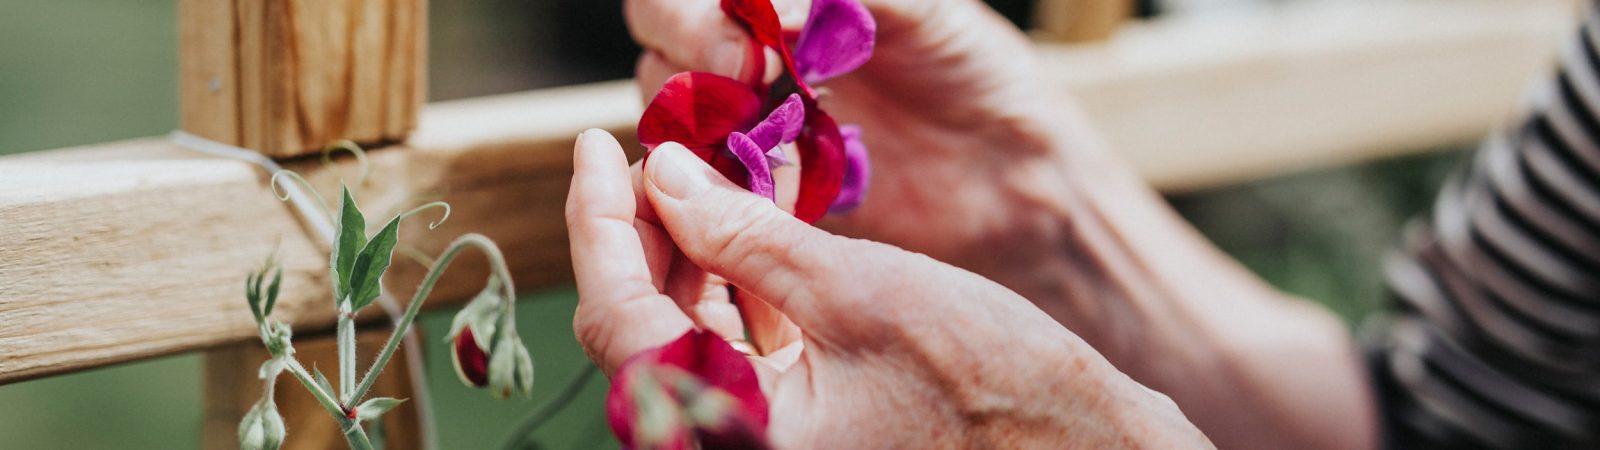 Händer håller blommor